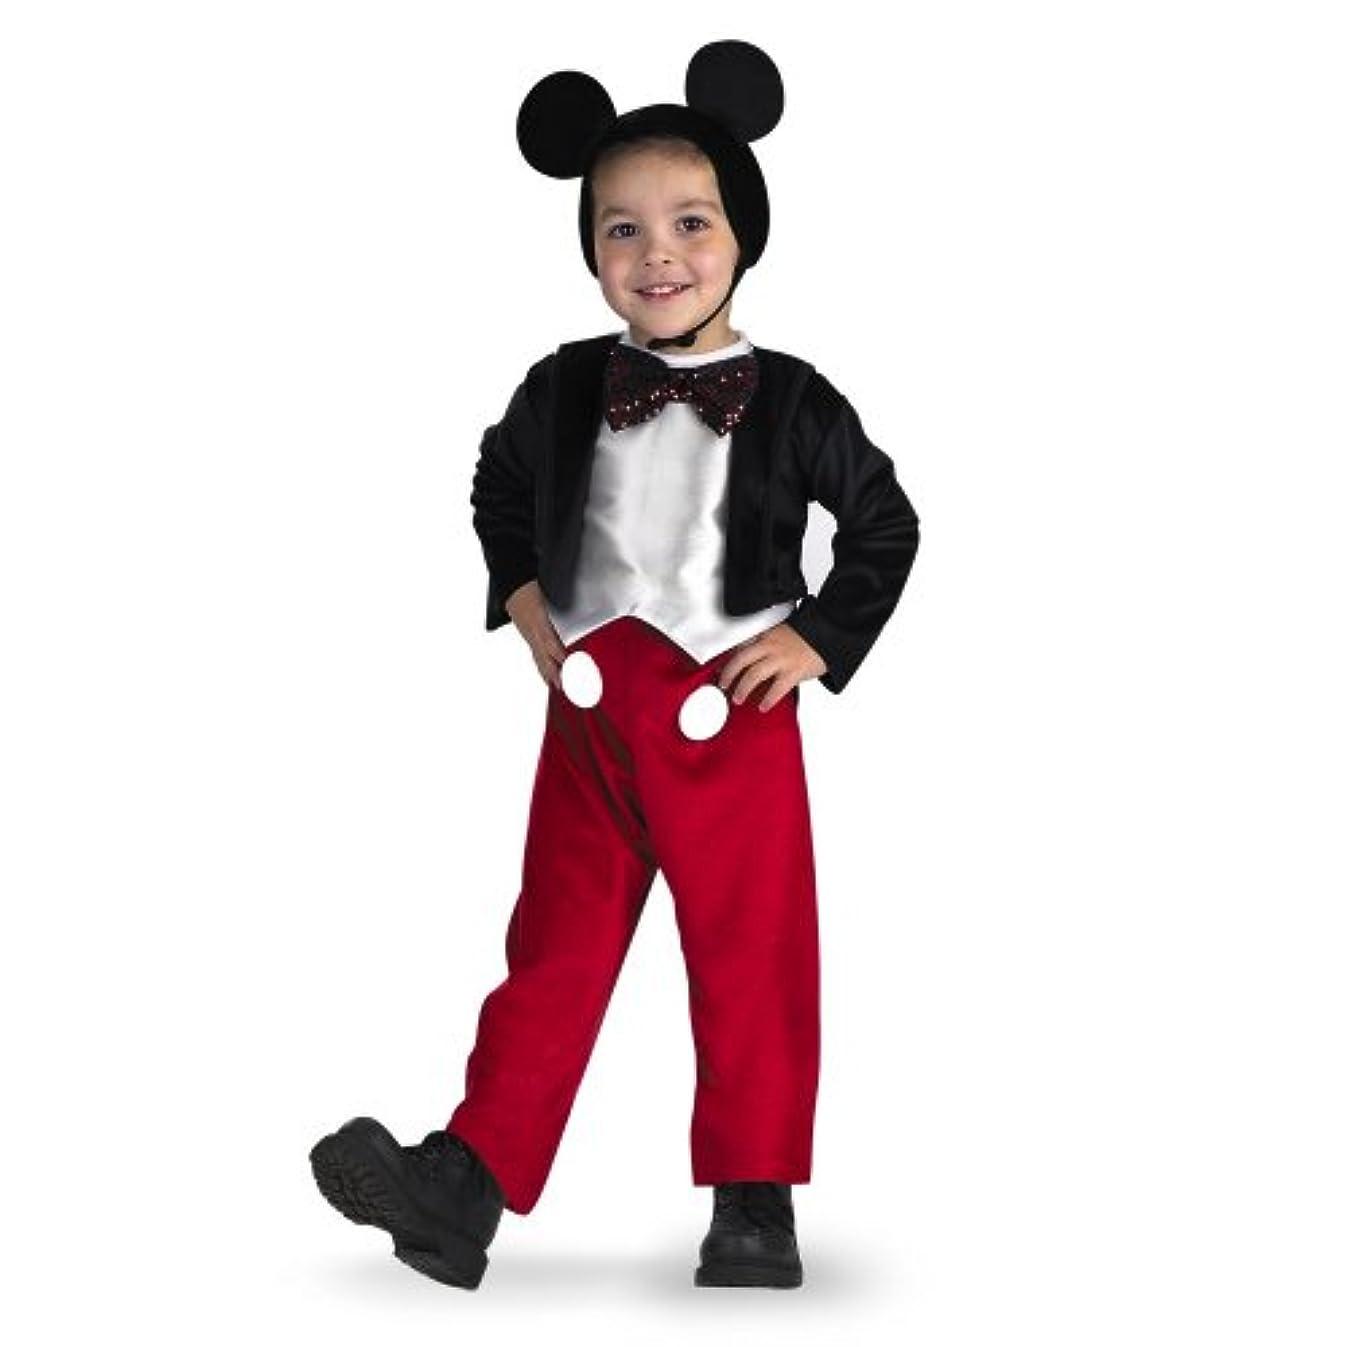 徐々に確認楽しむハロウィン プレゼント ハロウィン 衣装 キッズ ミッキーマウスのコスプレ衣装 コスチューム 子供用 Sサイズ